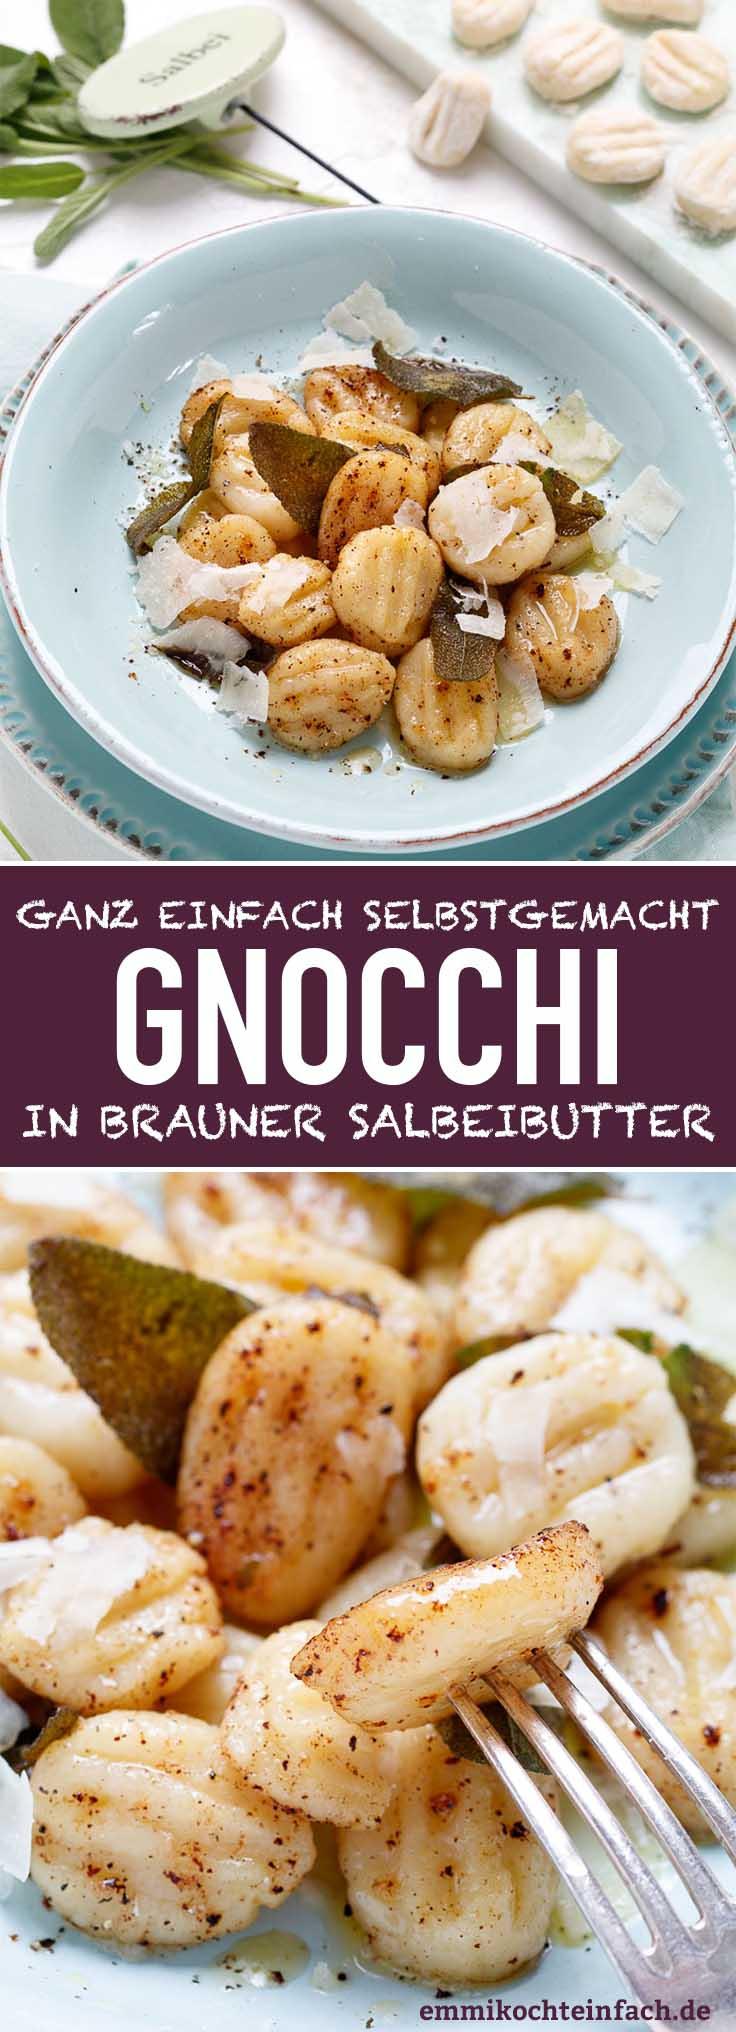 Gnocchi in brauner Salbeibutter - ganz einfach selbst gemacht - www.emmikochteinfach.de